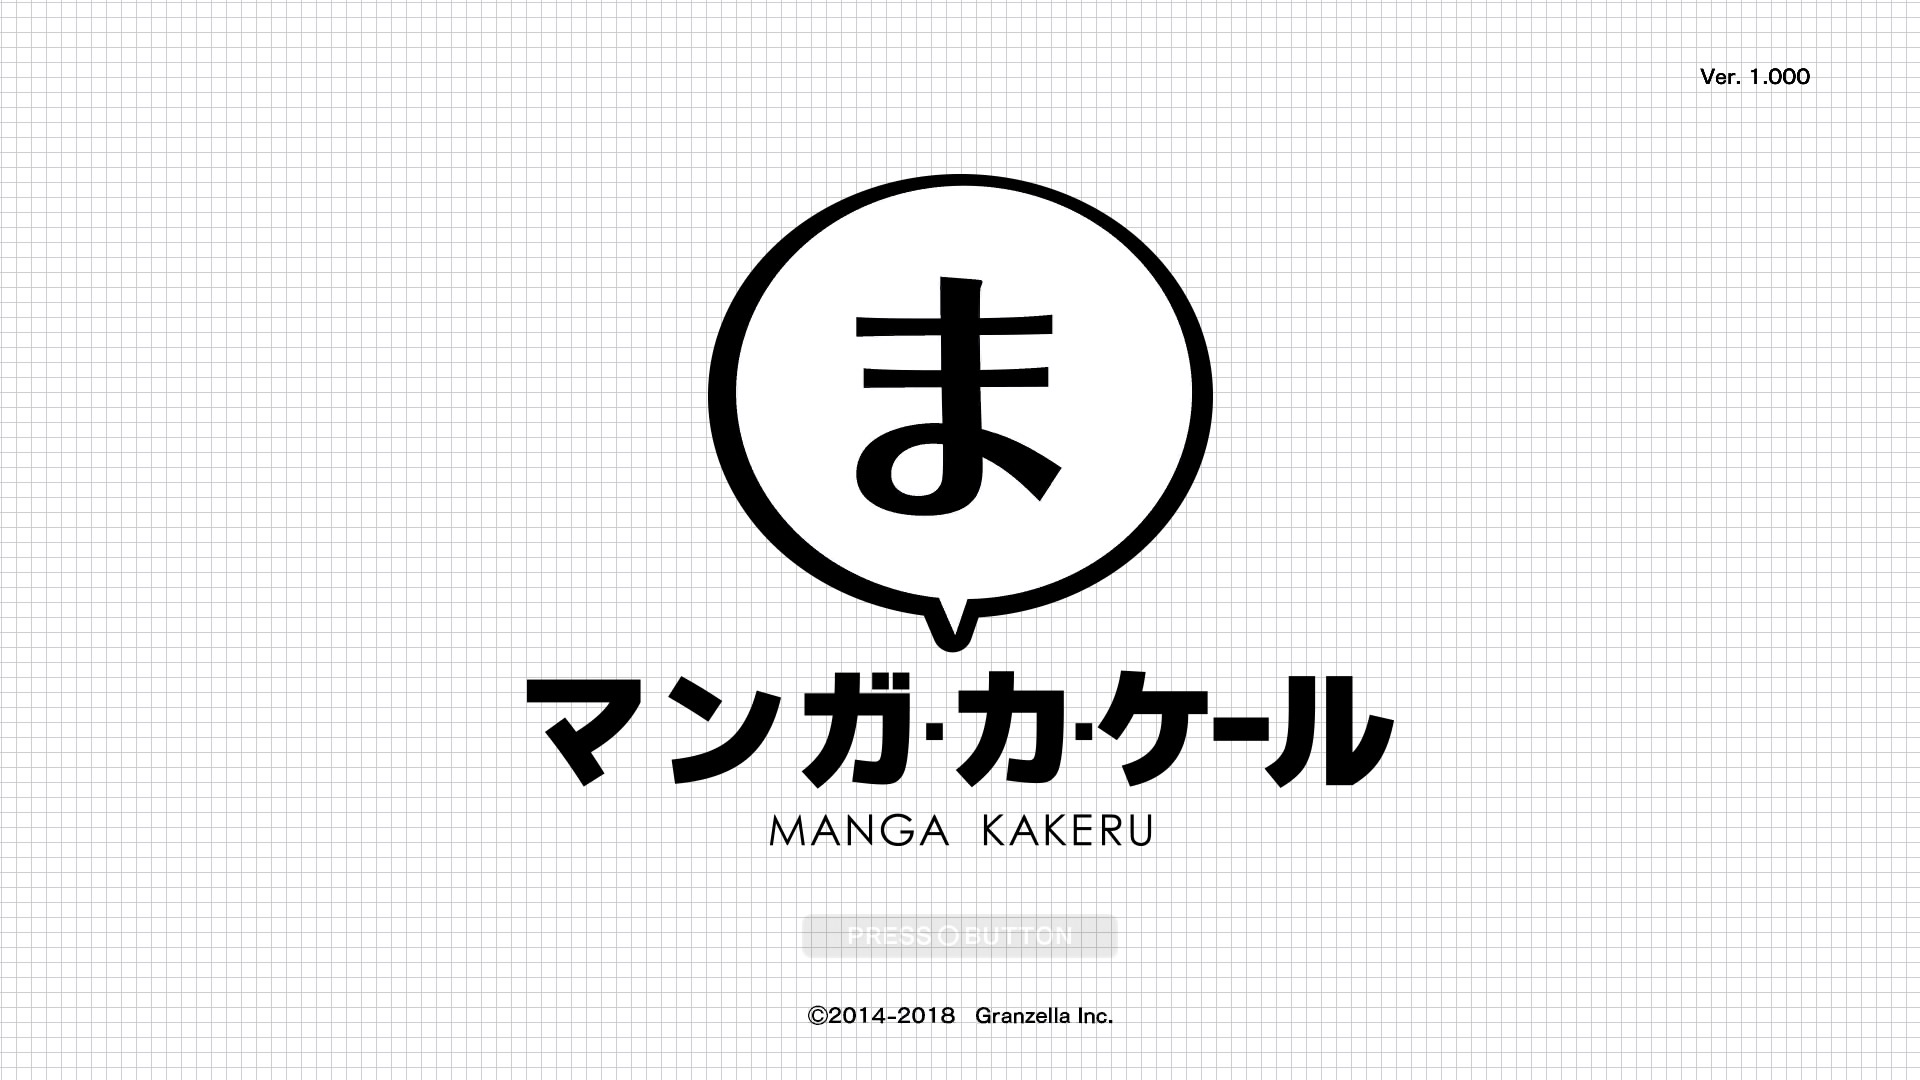 マンガ・カ・ケール(PS4)(PSVita)感想・レビュー